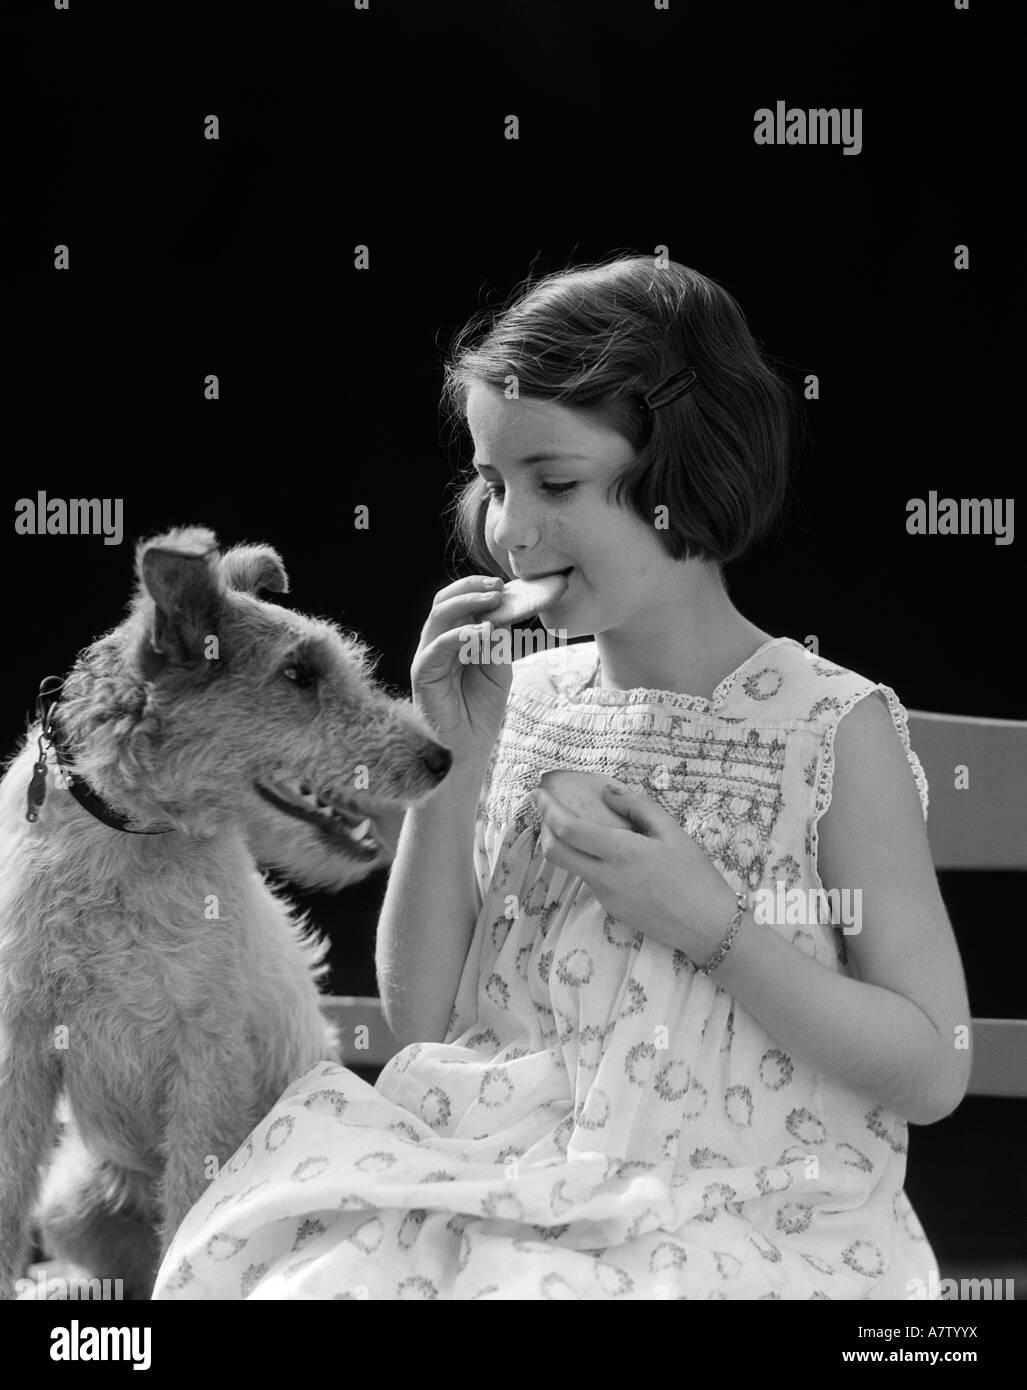 1920s 1930 CAPELLI FILO TERRIER cane guarda la ragazza giovane mangiare COOKIE Immagini Stock